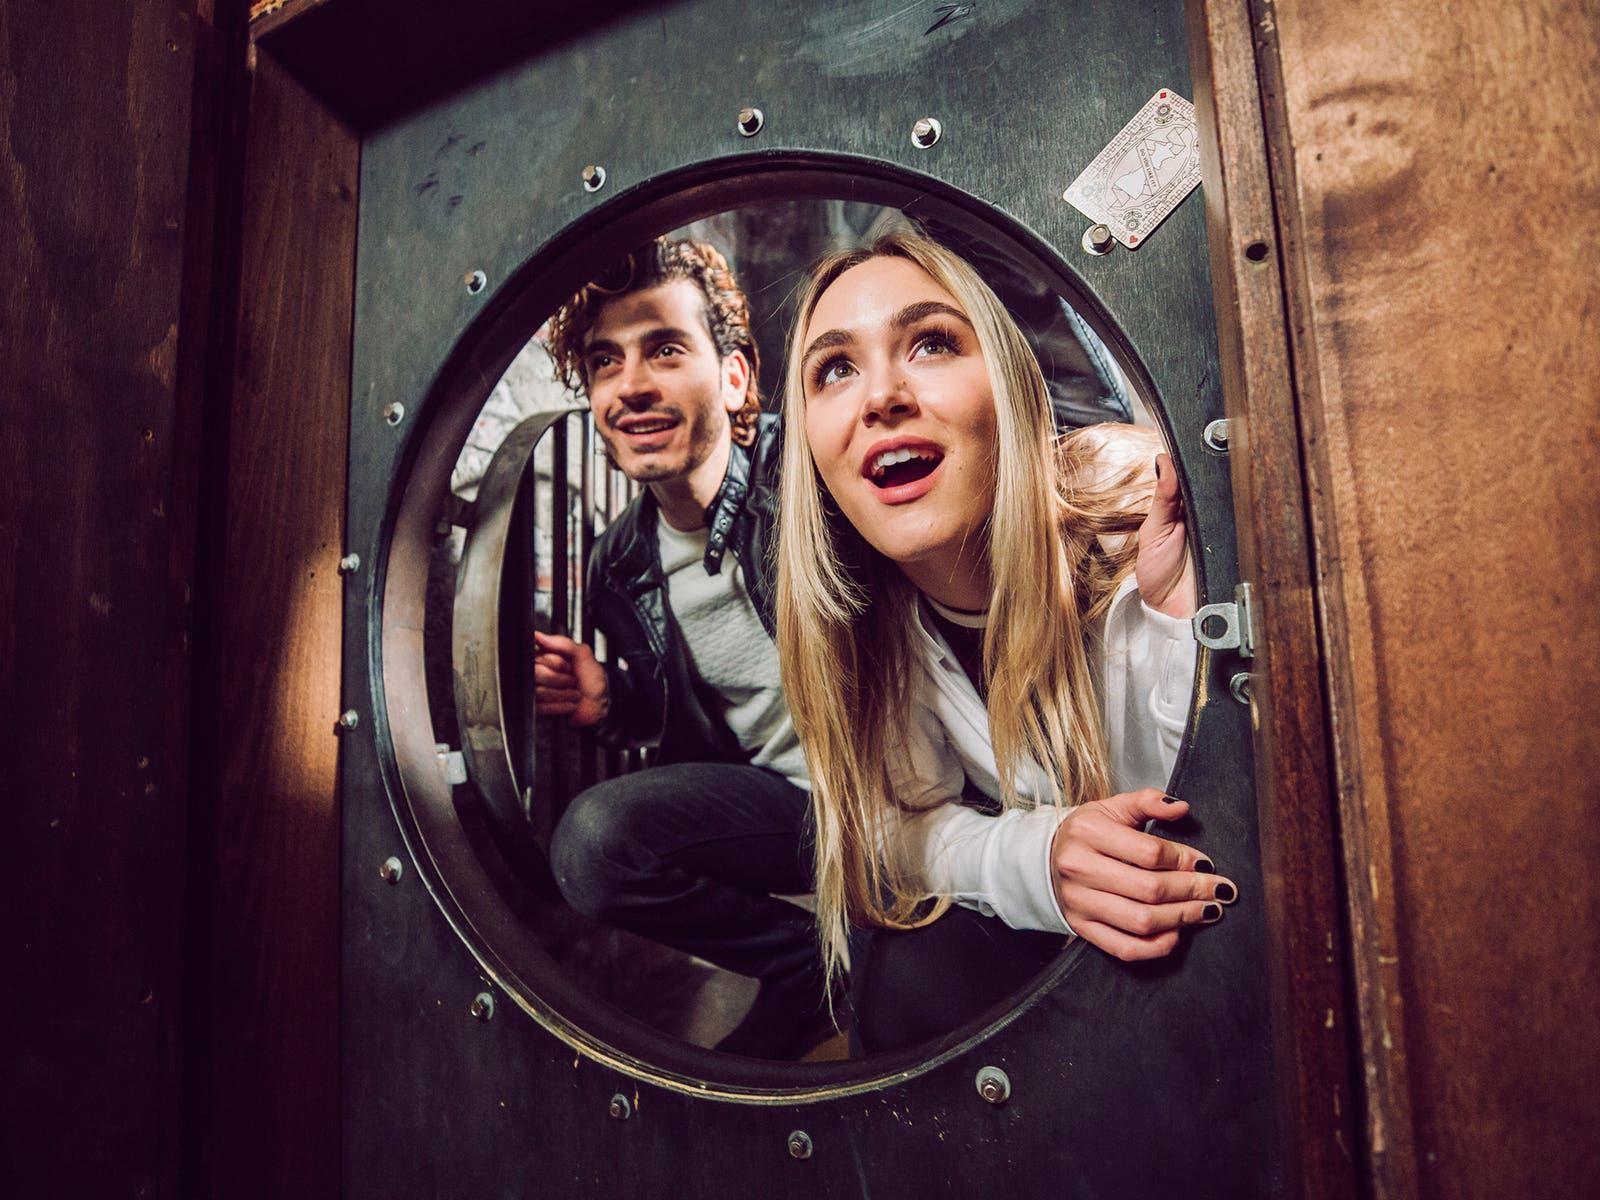 اتاق فرار چیست و چرا باید آن را تجربه کنیم؟